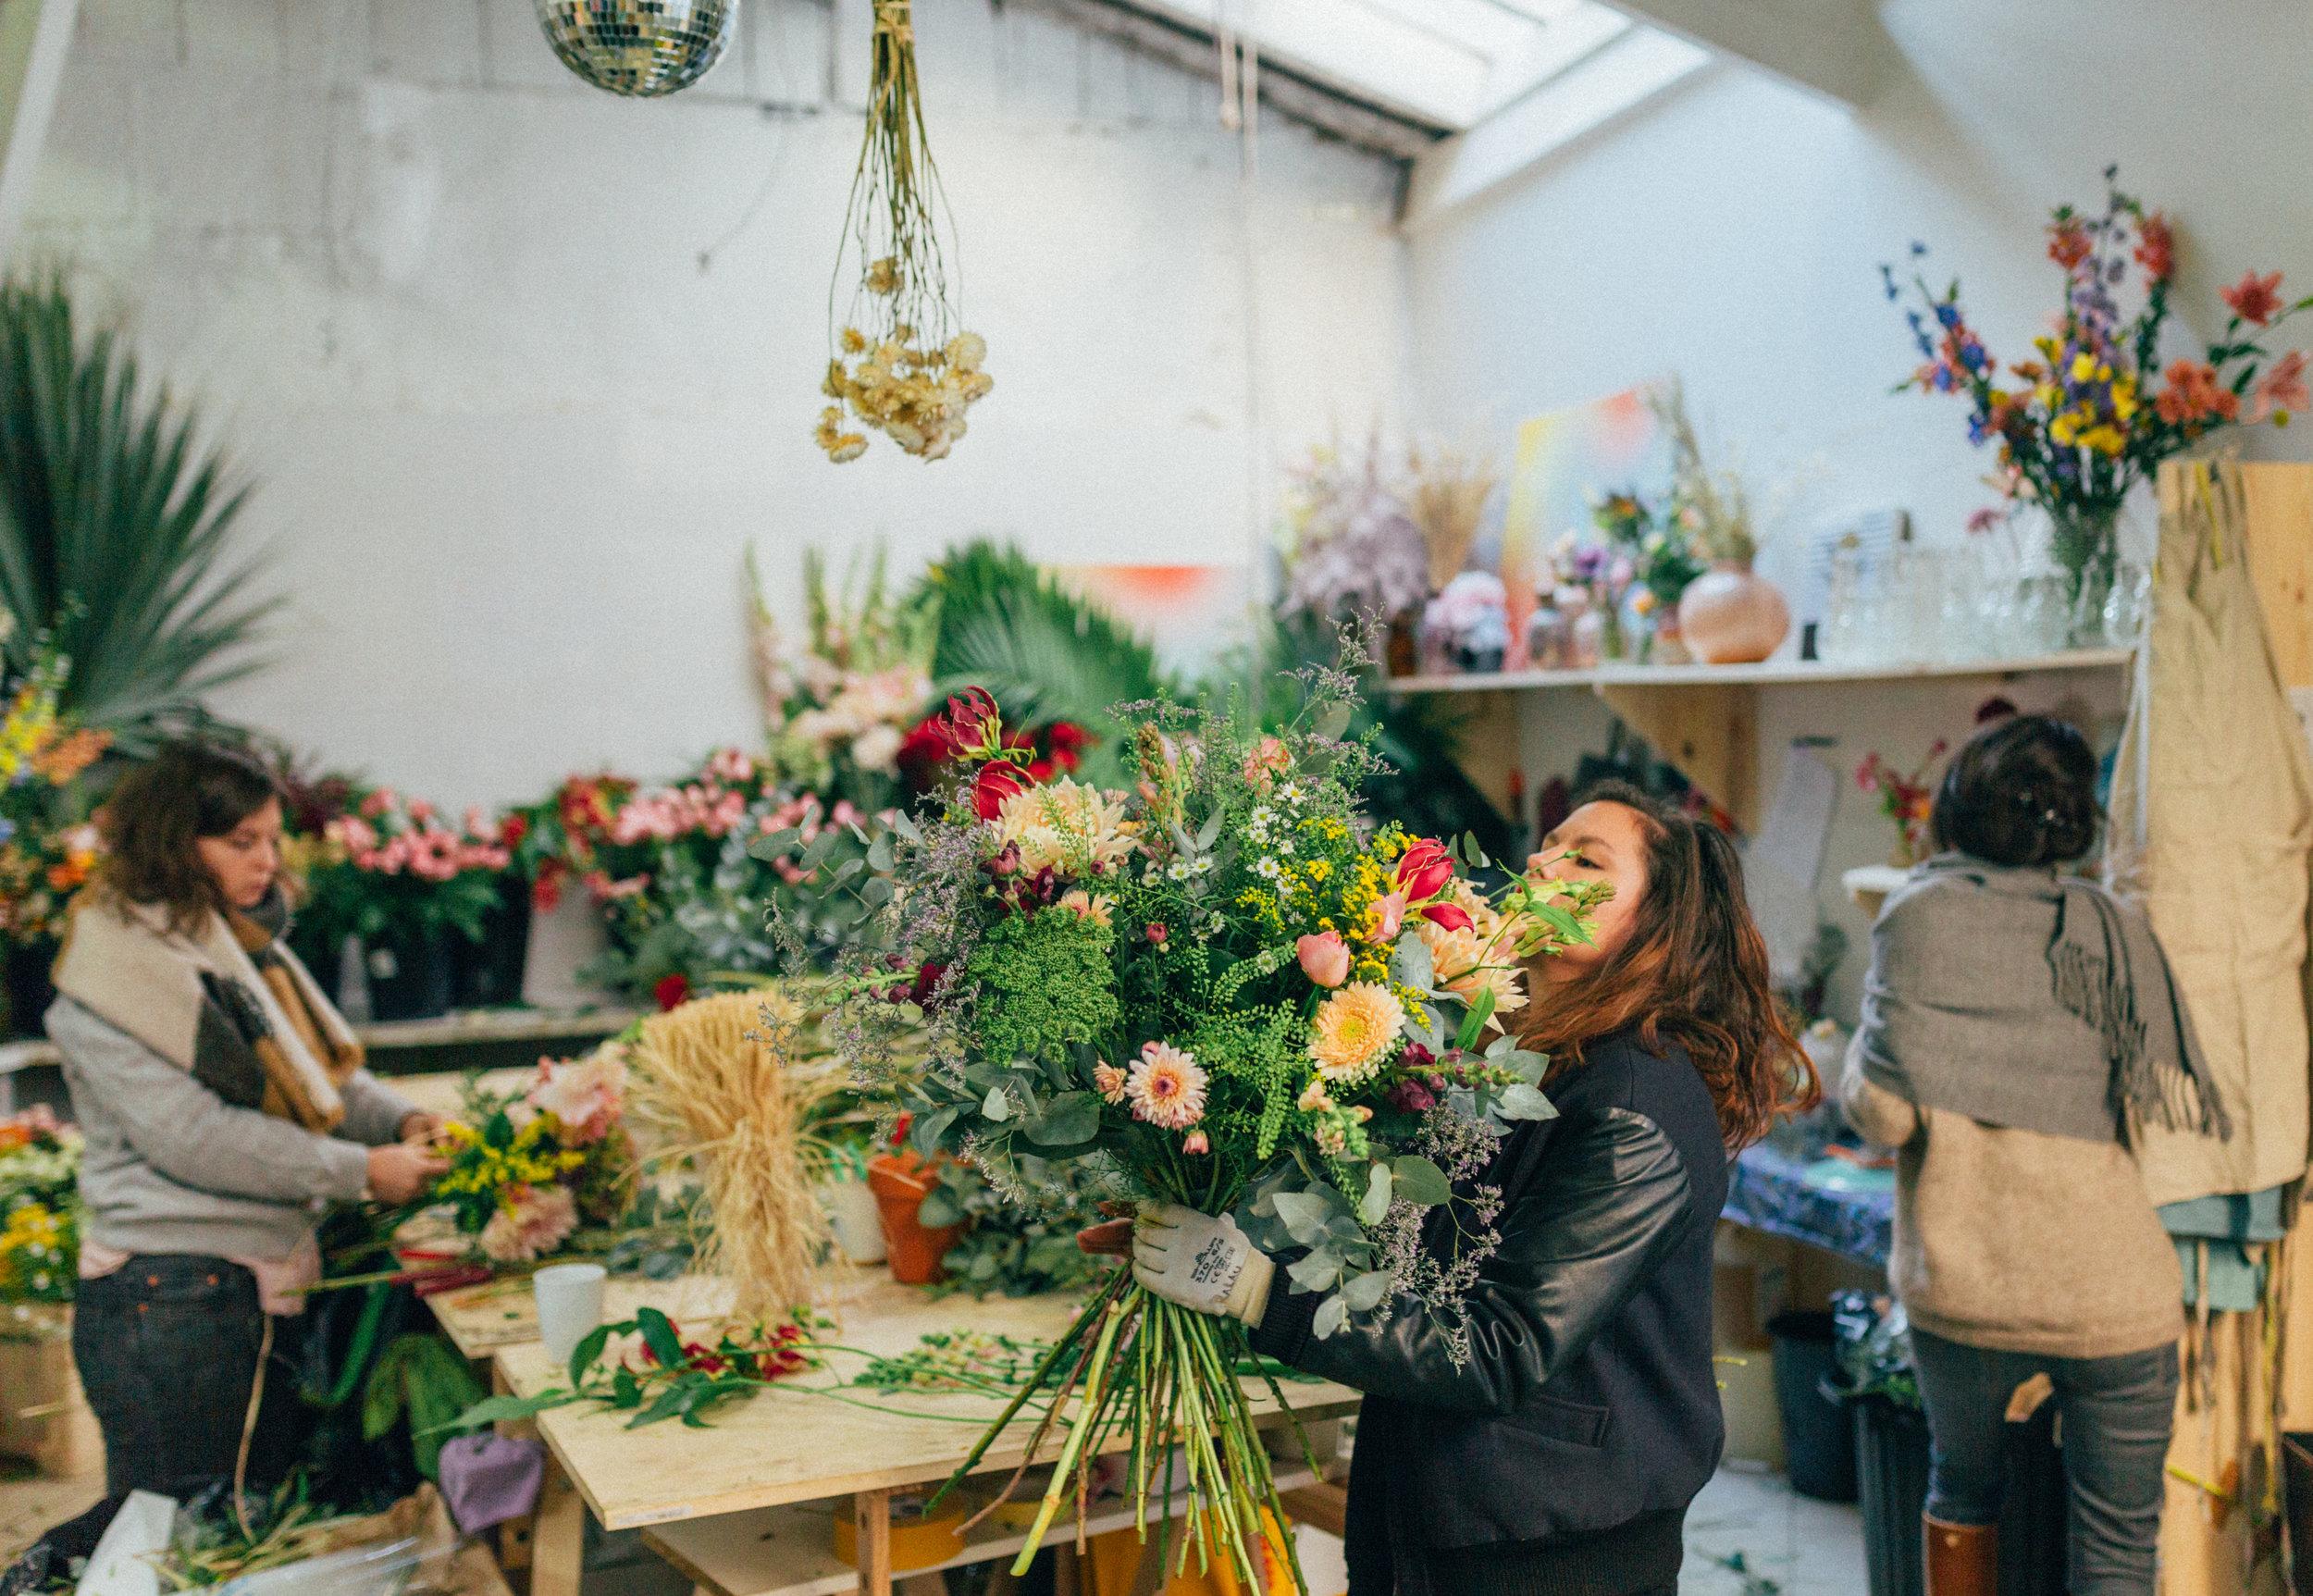 Atelier_bouquet3.jpg